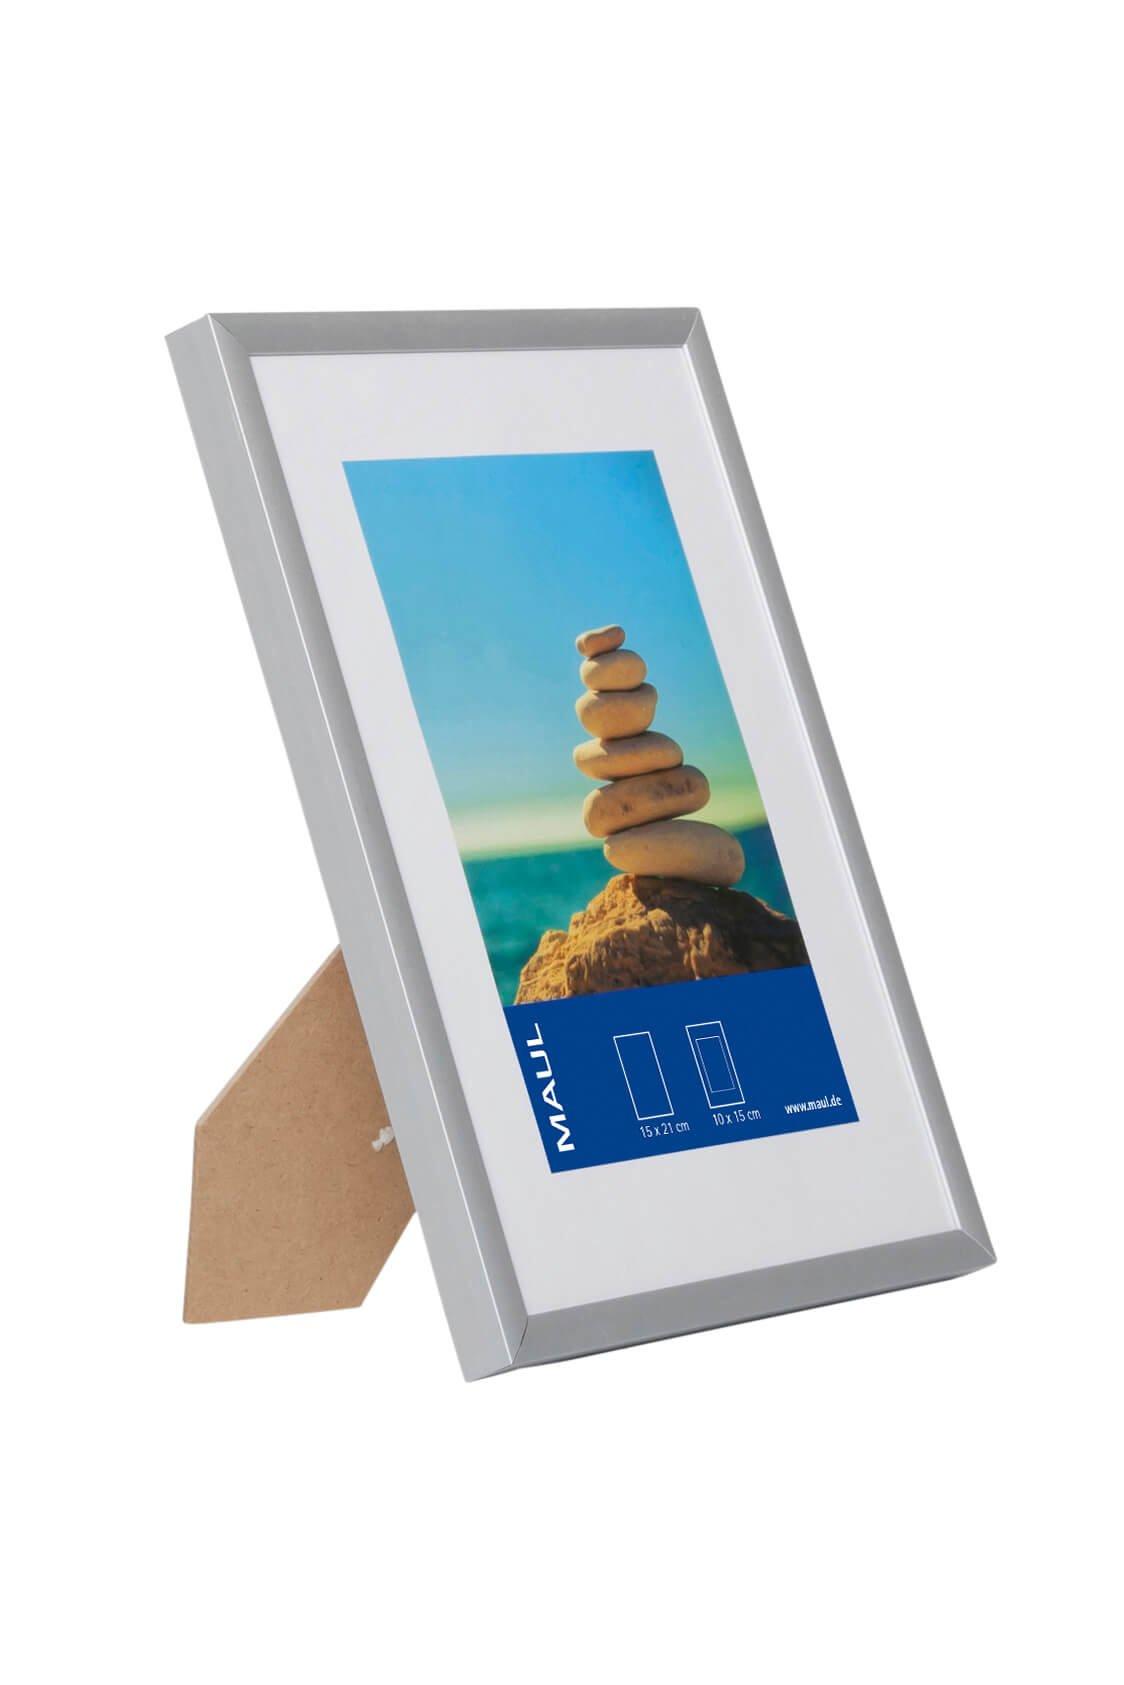 Bilderrahmen Aluminium, 15 x 21 cm, glasklar